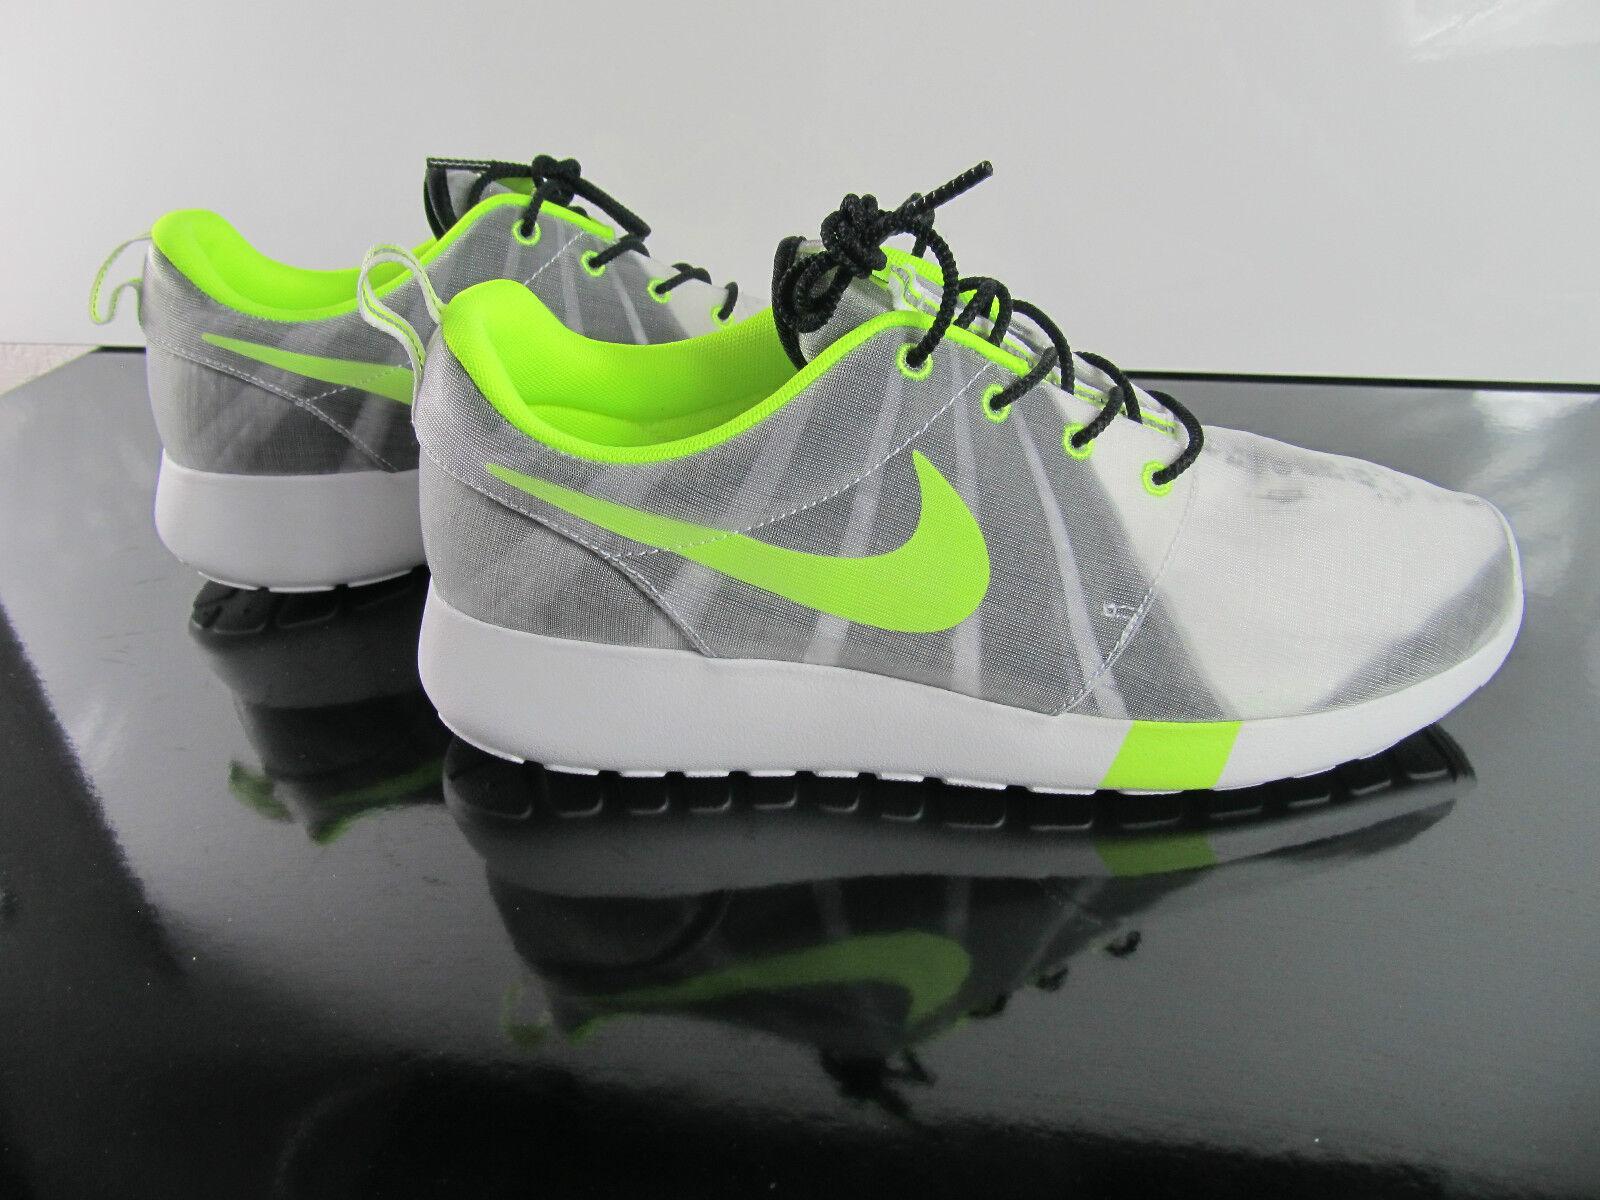 Nike FV wmns Rosherun FV Nike QS negro voltios Blanco cortos uk_9 us_11.5 44 EUR 147e0e